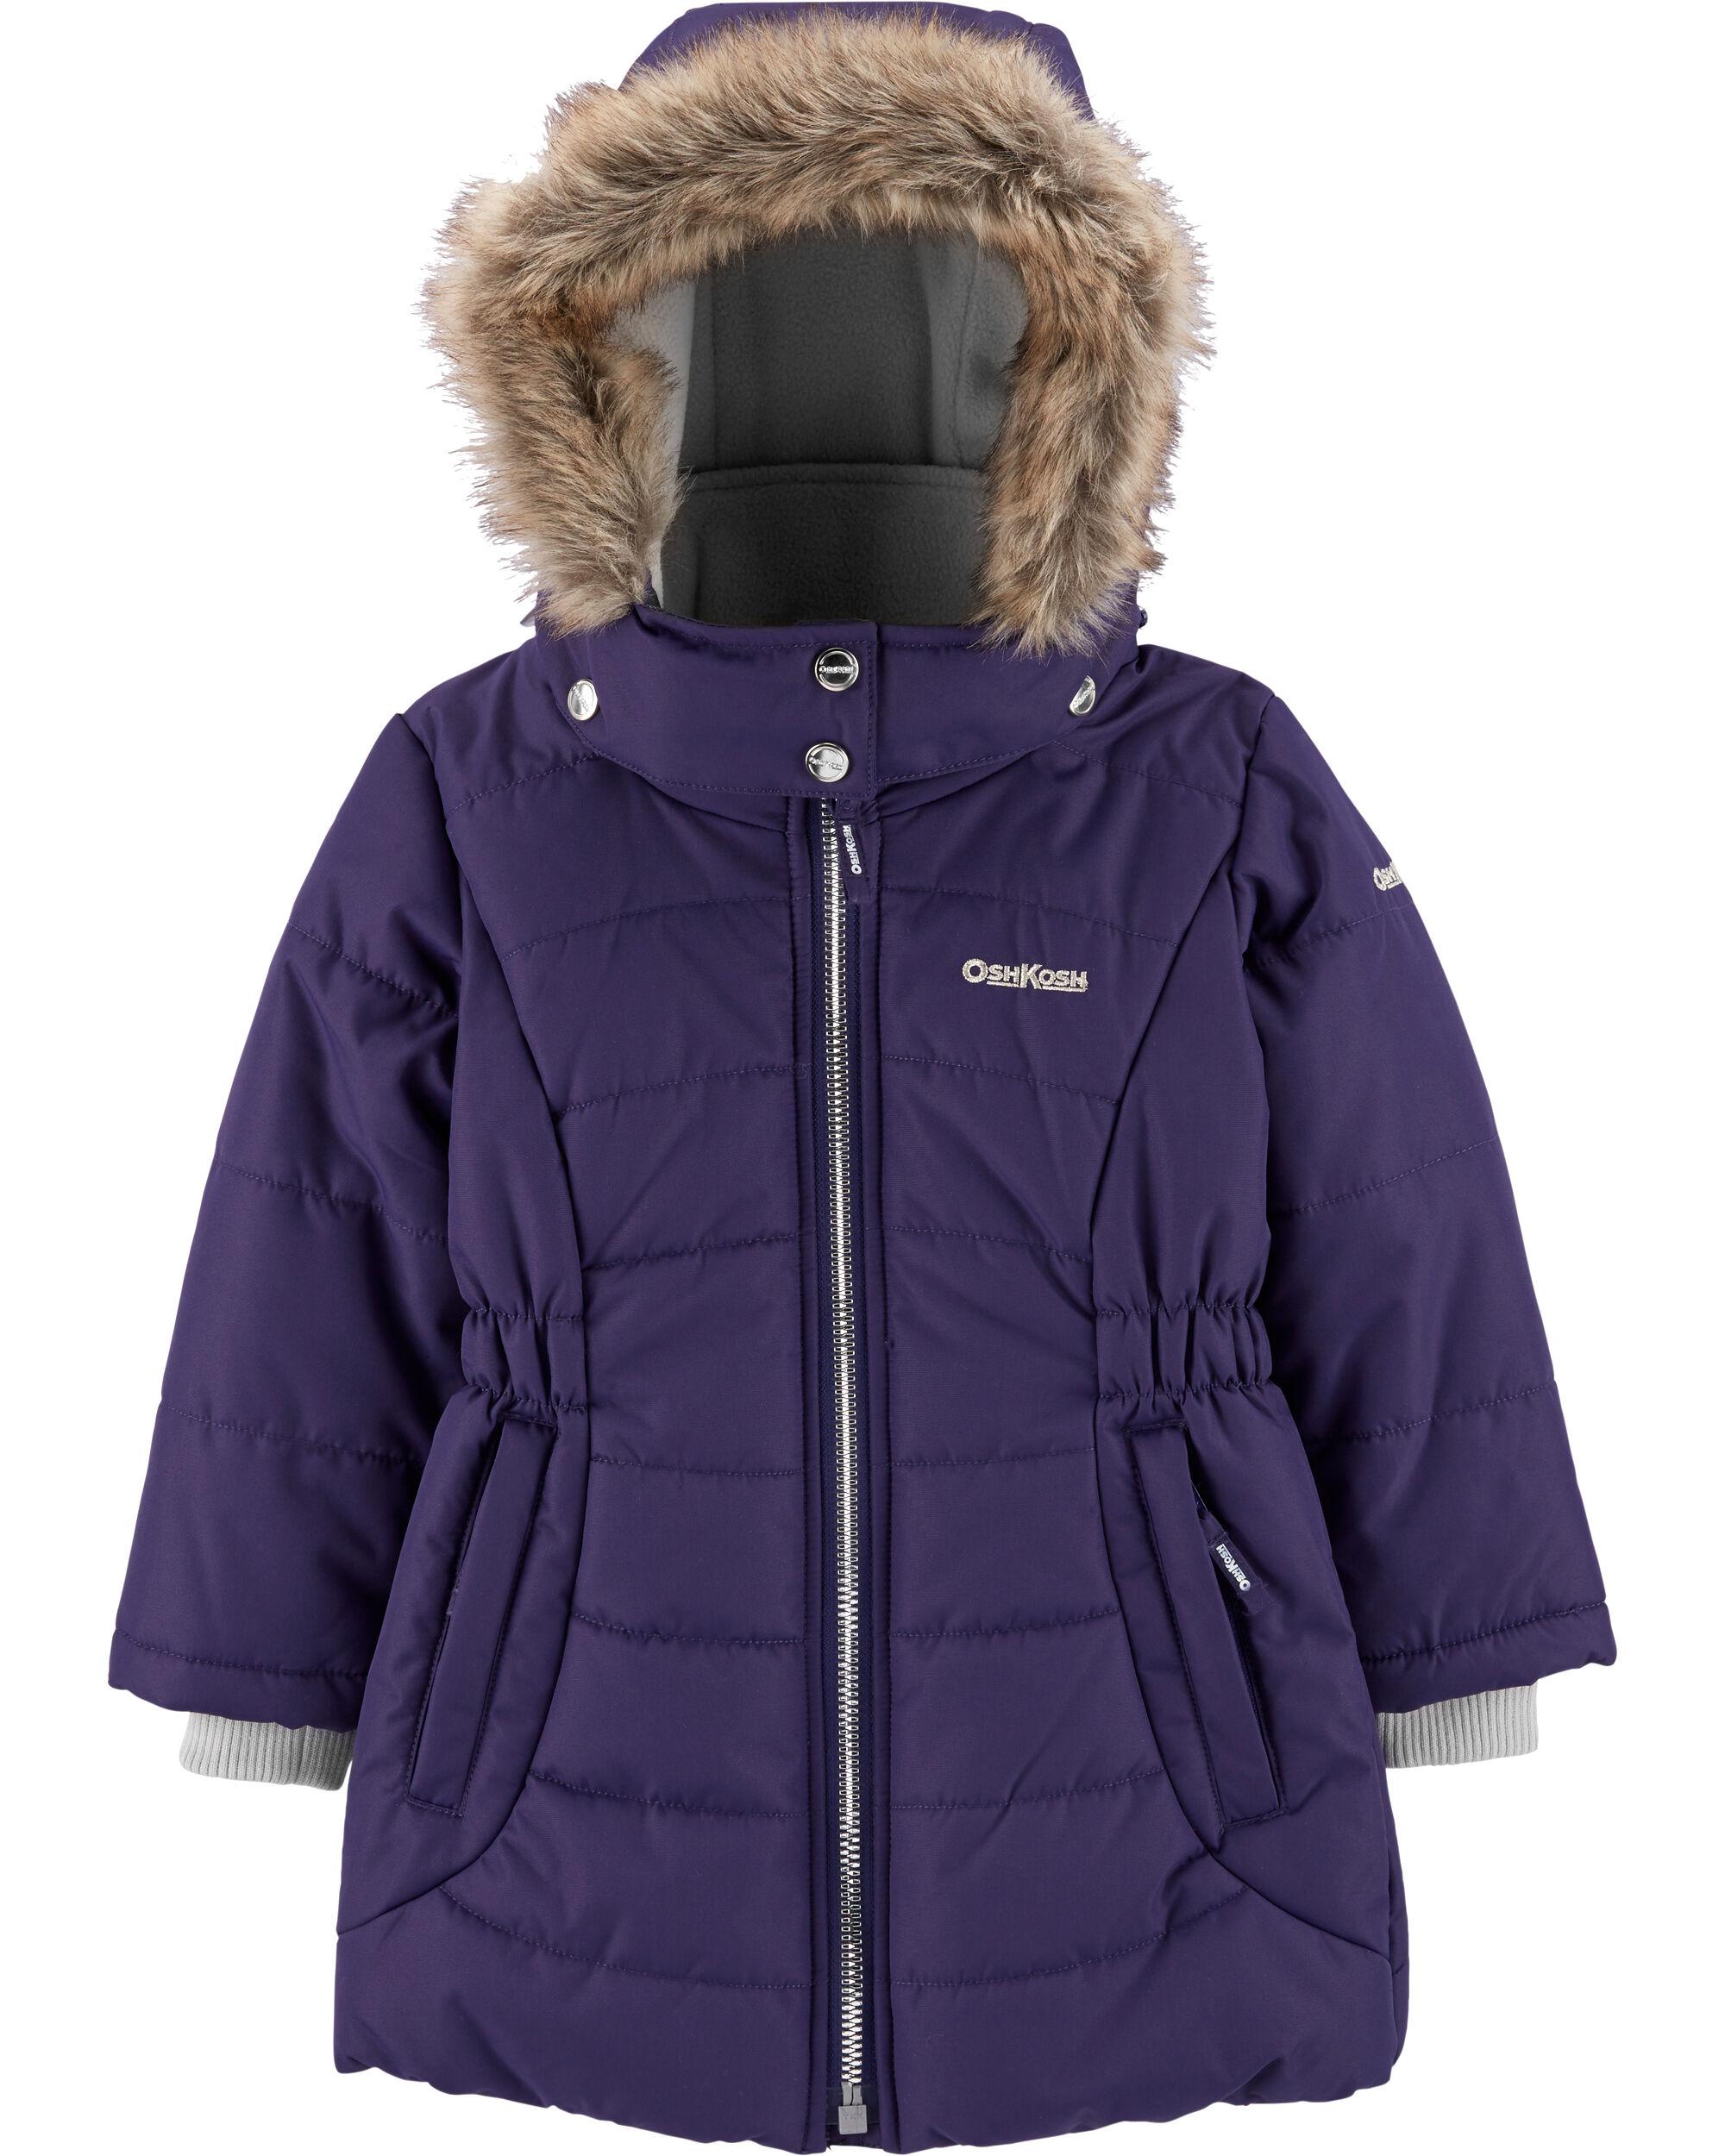 Manteau hiver dc